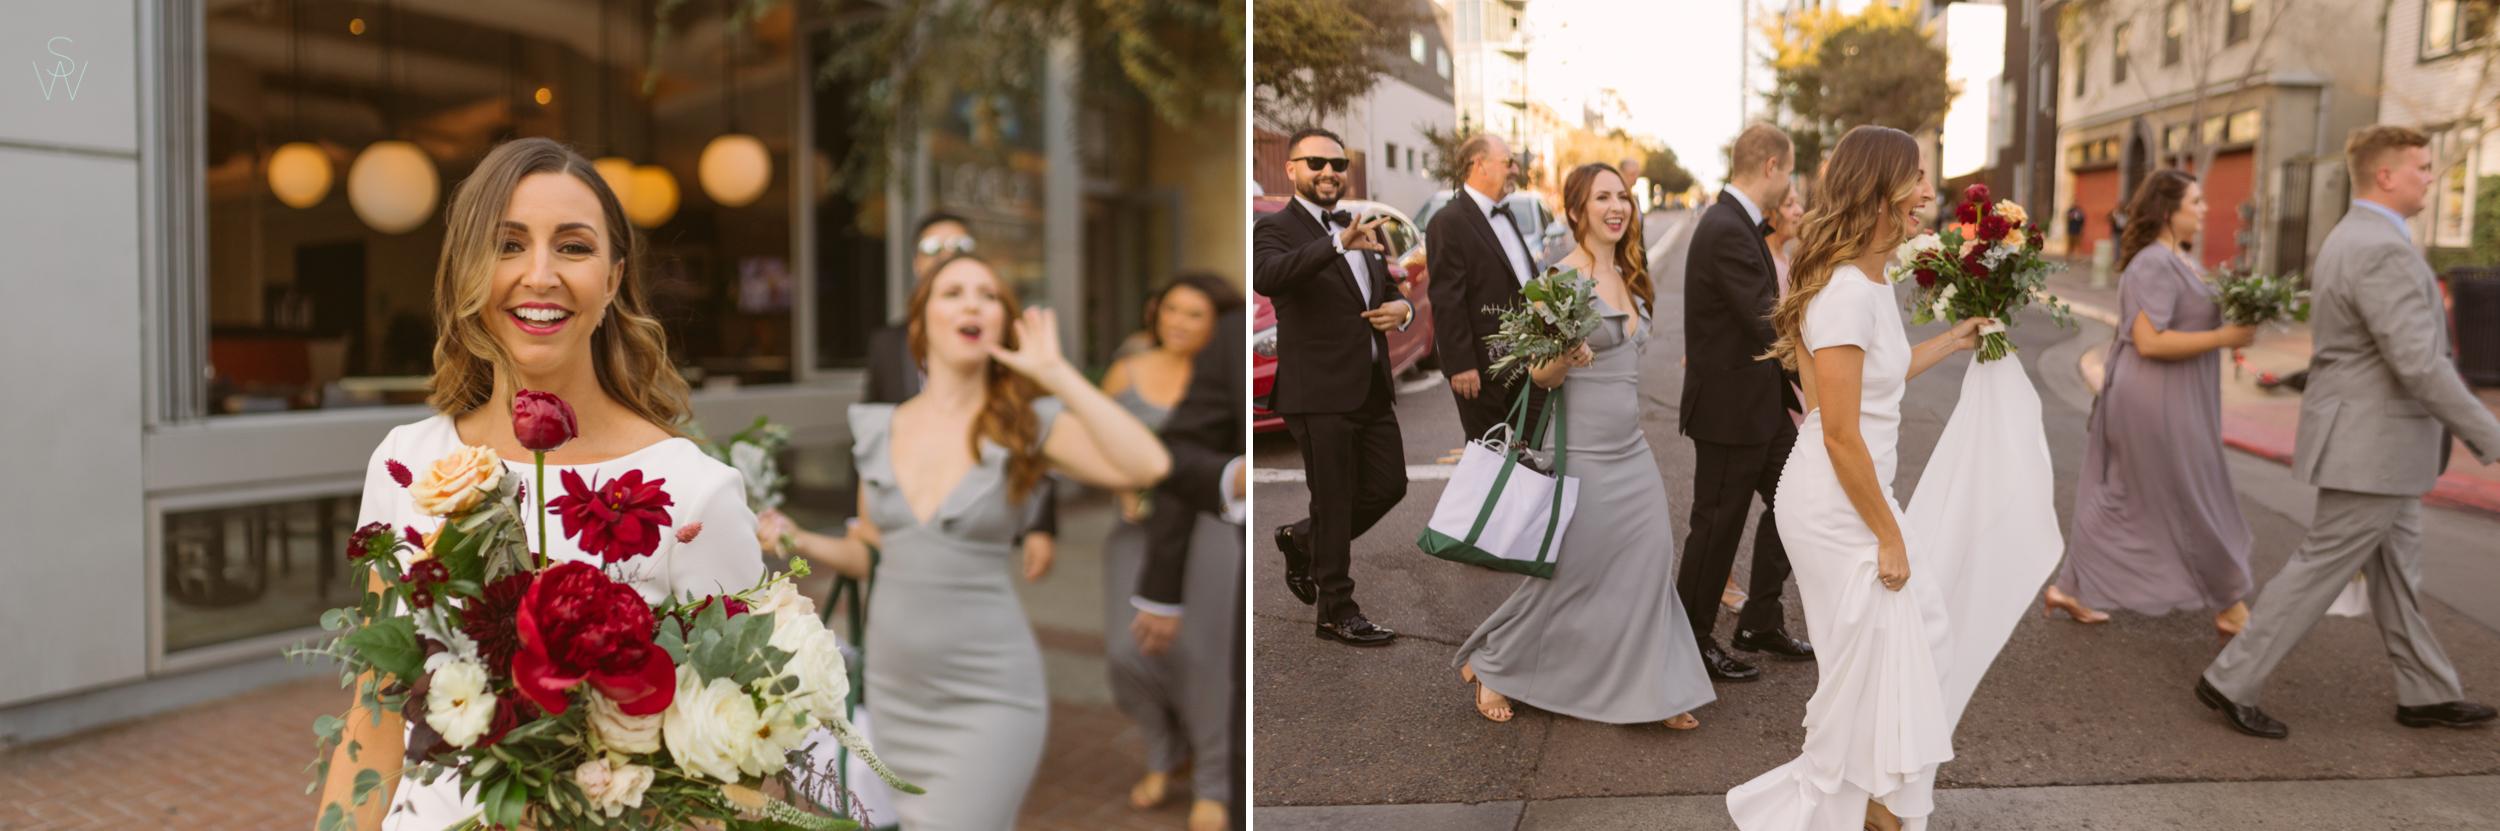 142THE.UNDERGROUND.ELEPHANT.wedding.photography.shewanders.JPG